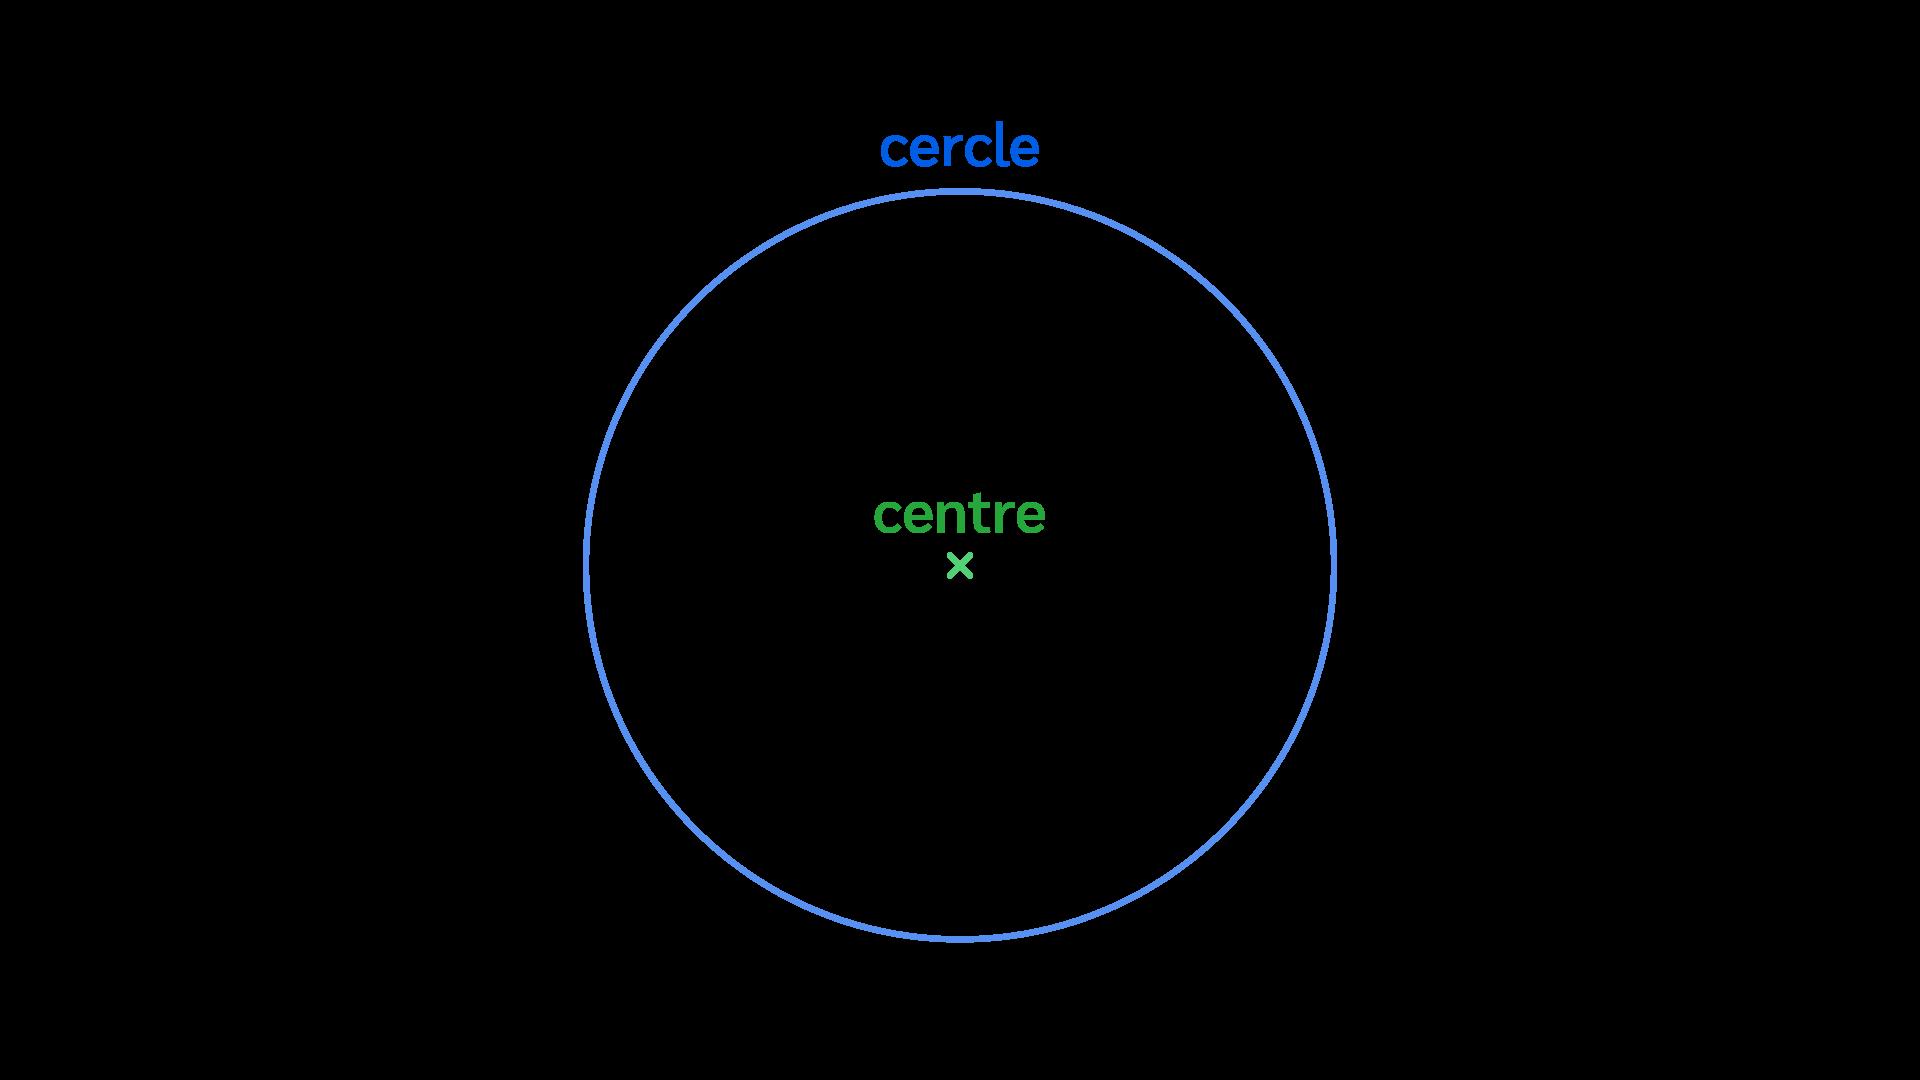 Primaire ce1 mathématiques espace géométrie nommer décrire tracer cercles